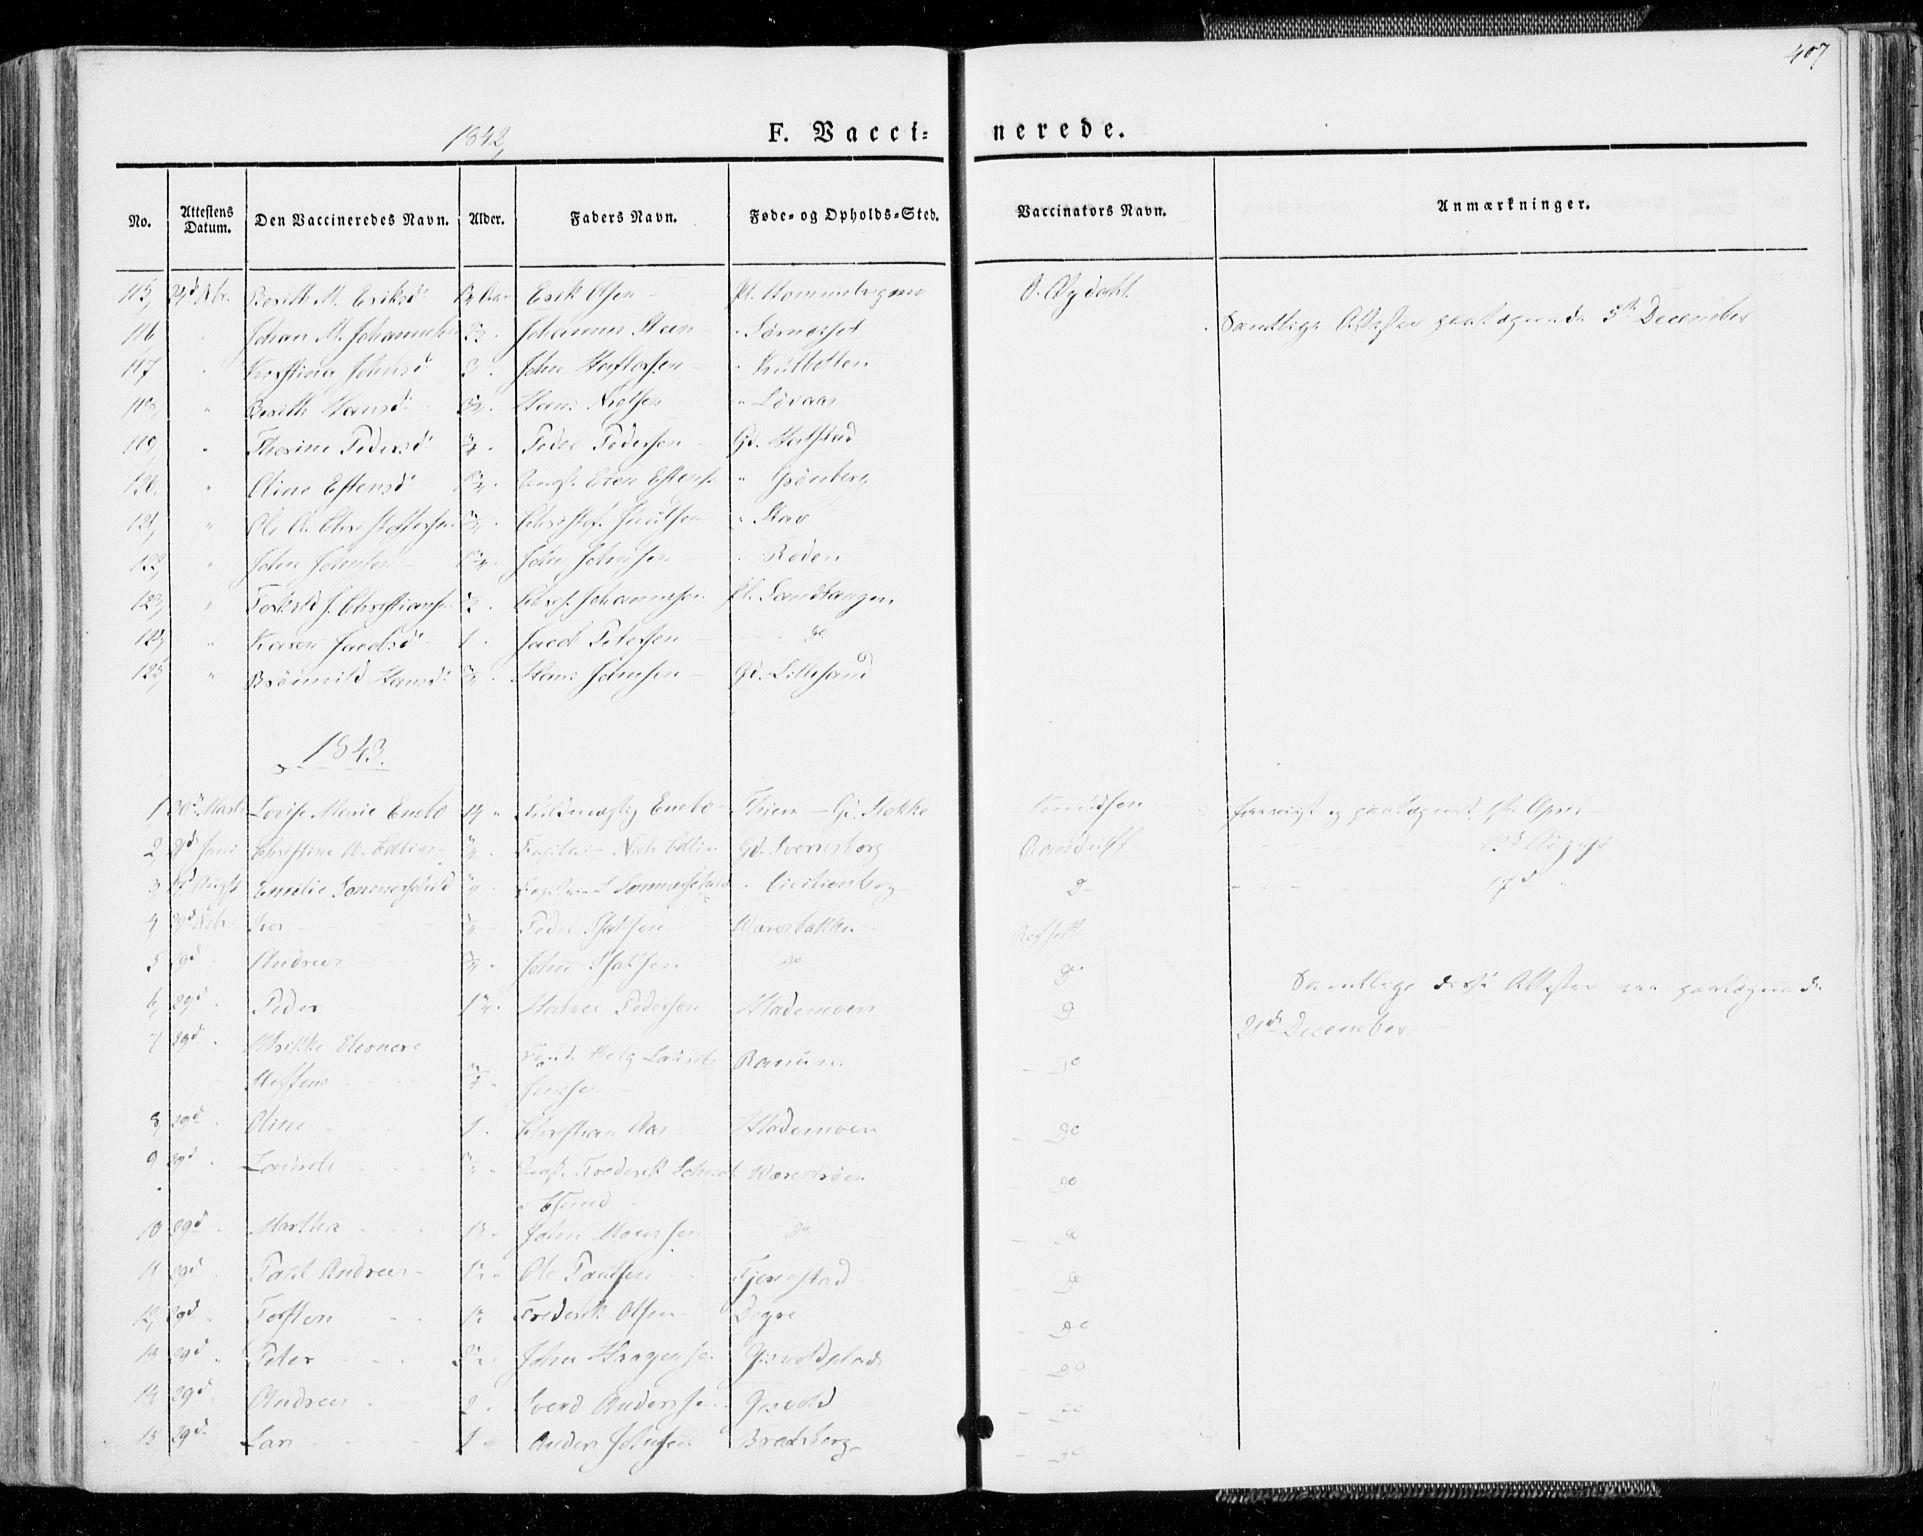 SAT, Ministerialprotokoller, klokkerbøker og fødselsregistre - Sør-Trøndelag, 606/L0290: Ministerialbok nr. 606A05, 1841-1847, s. 407